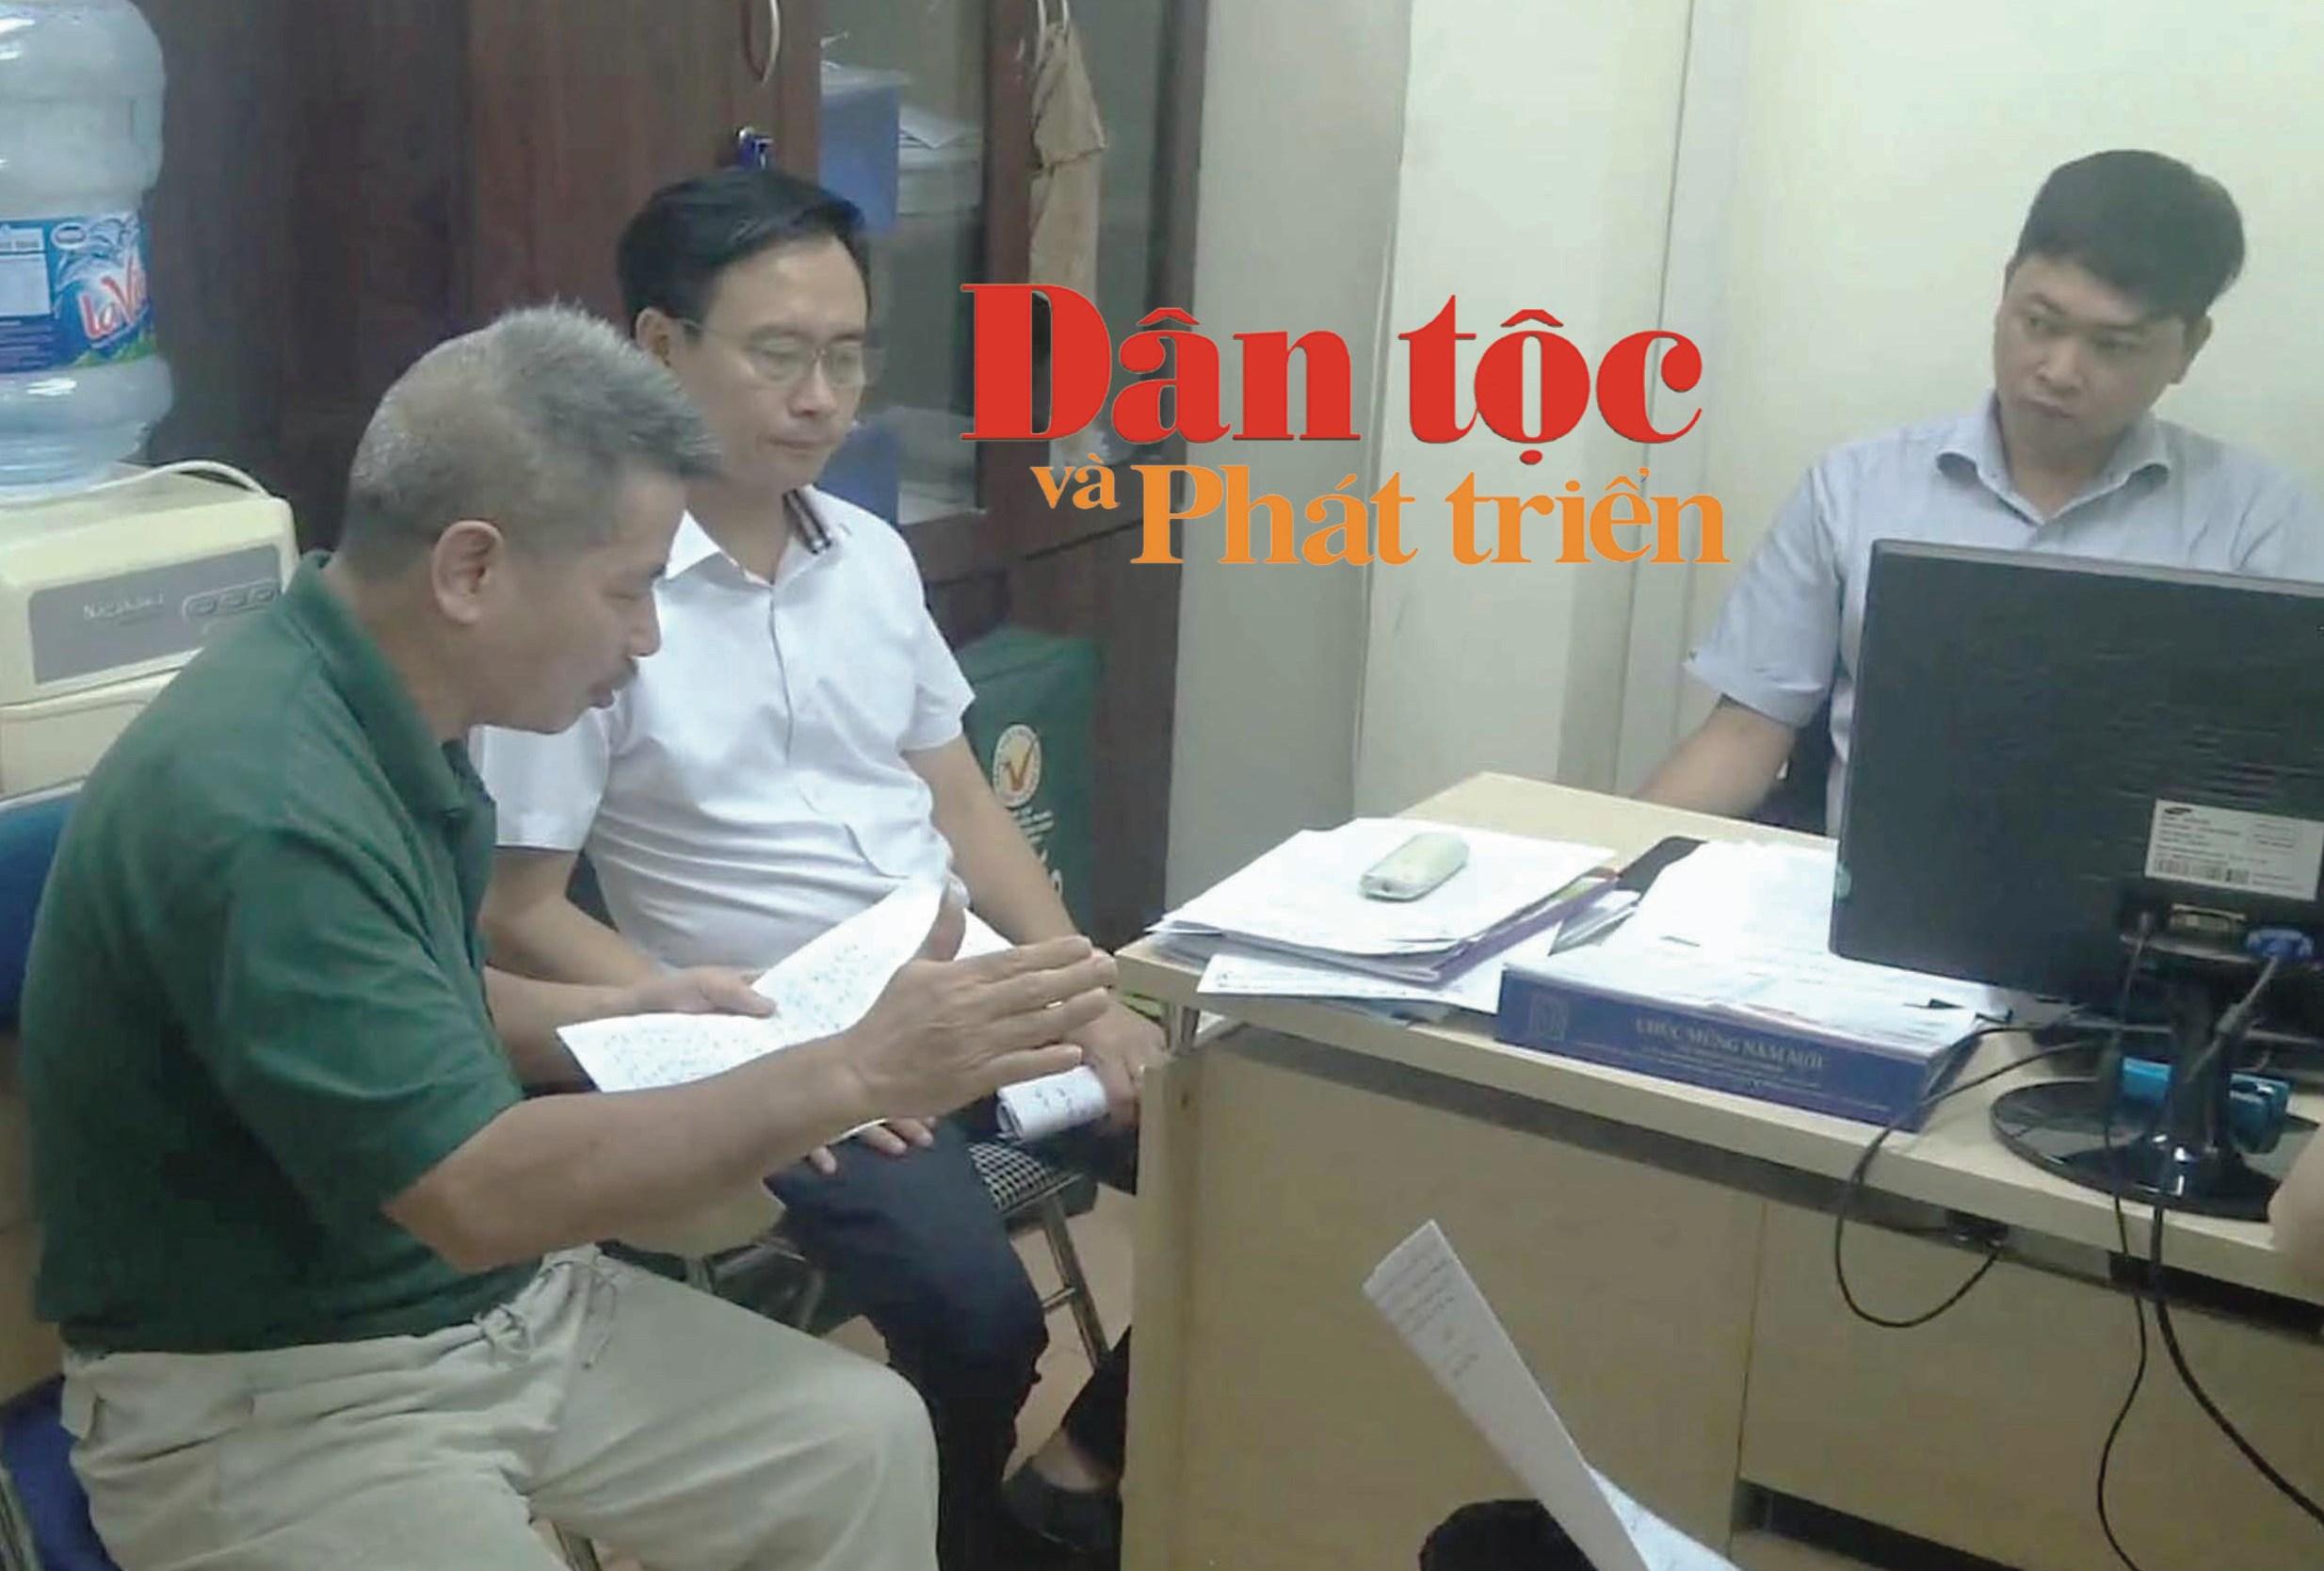 Ông Nguyễn Xuân Tấn (người ngoài cùng bên trái), chủ nhà số 33 bức xúc khi biên bản cuộc họp ngày 1/6/2020 bị ông Hoàn ghi thêm nội dung